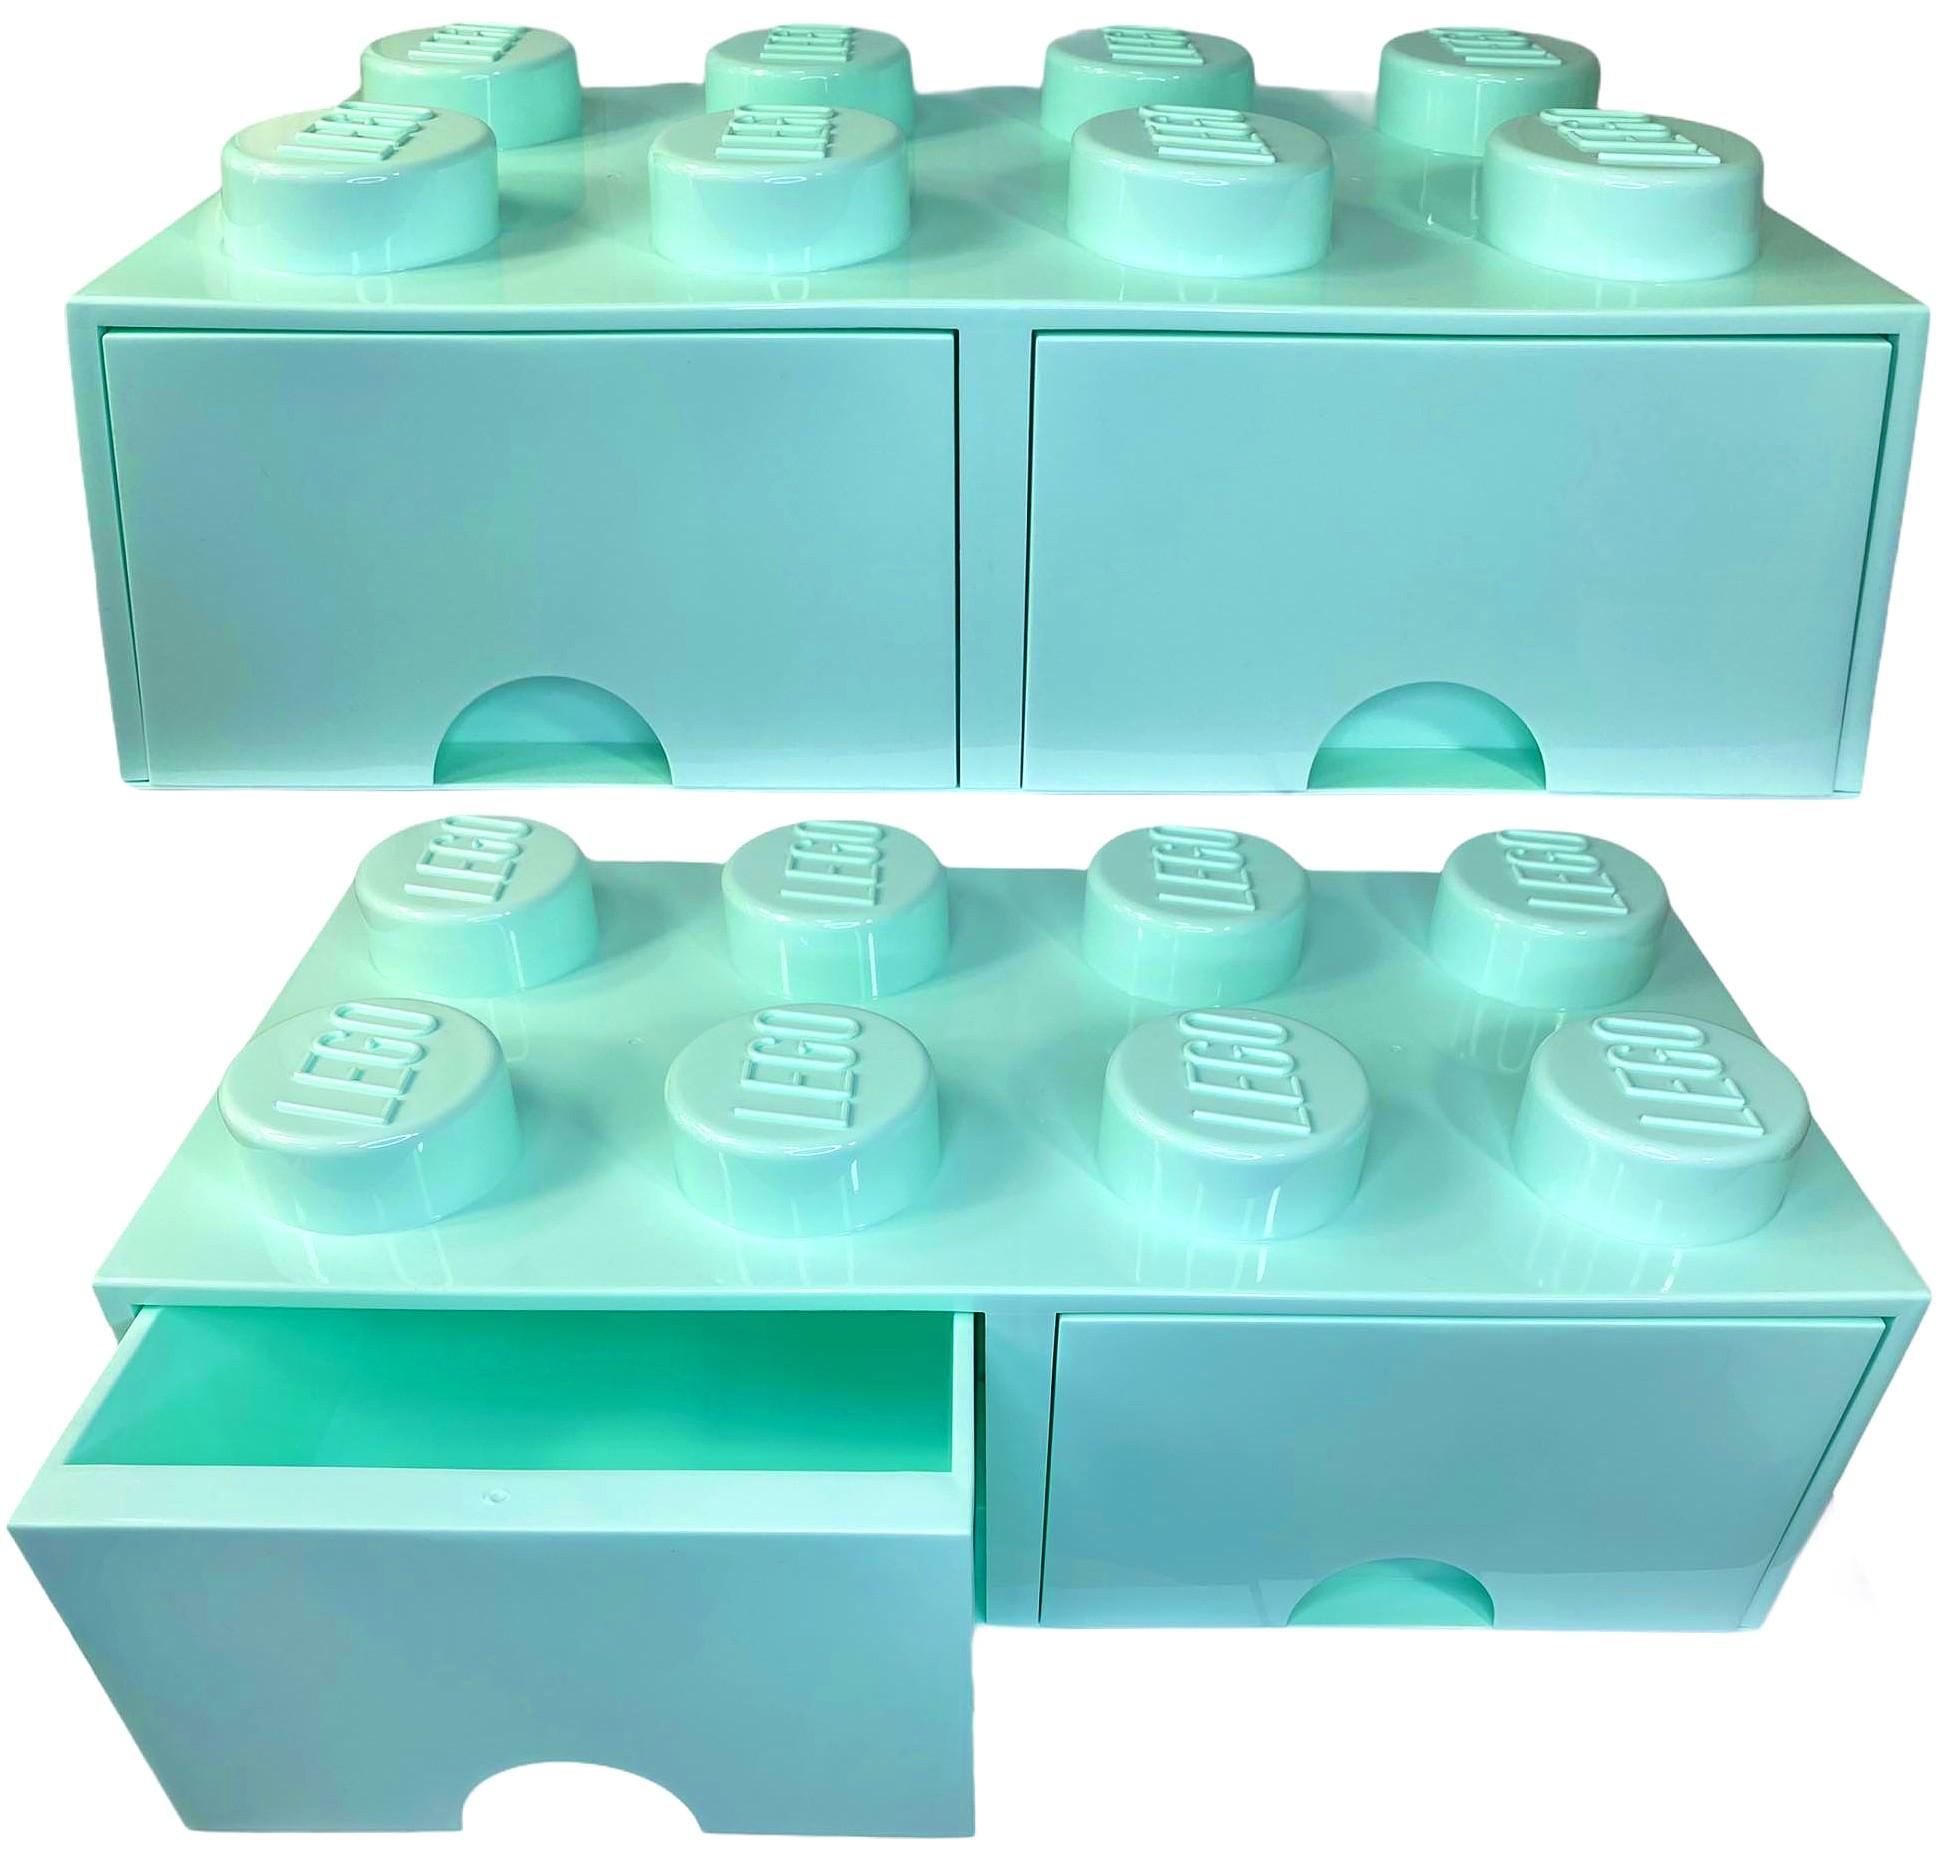 Pojemnik lego 8 szuflada morski na klocki miętowy